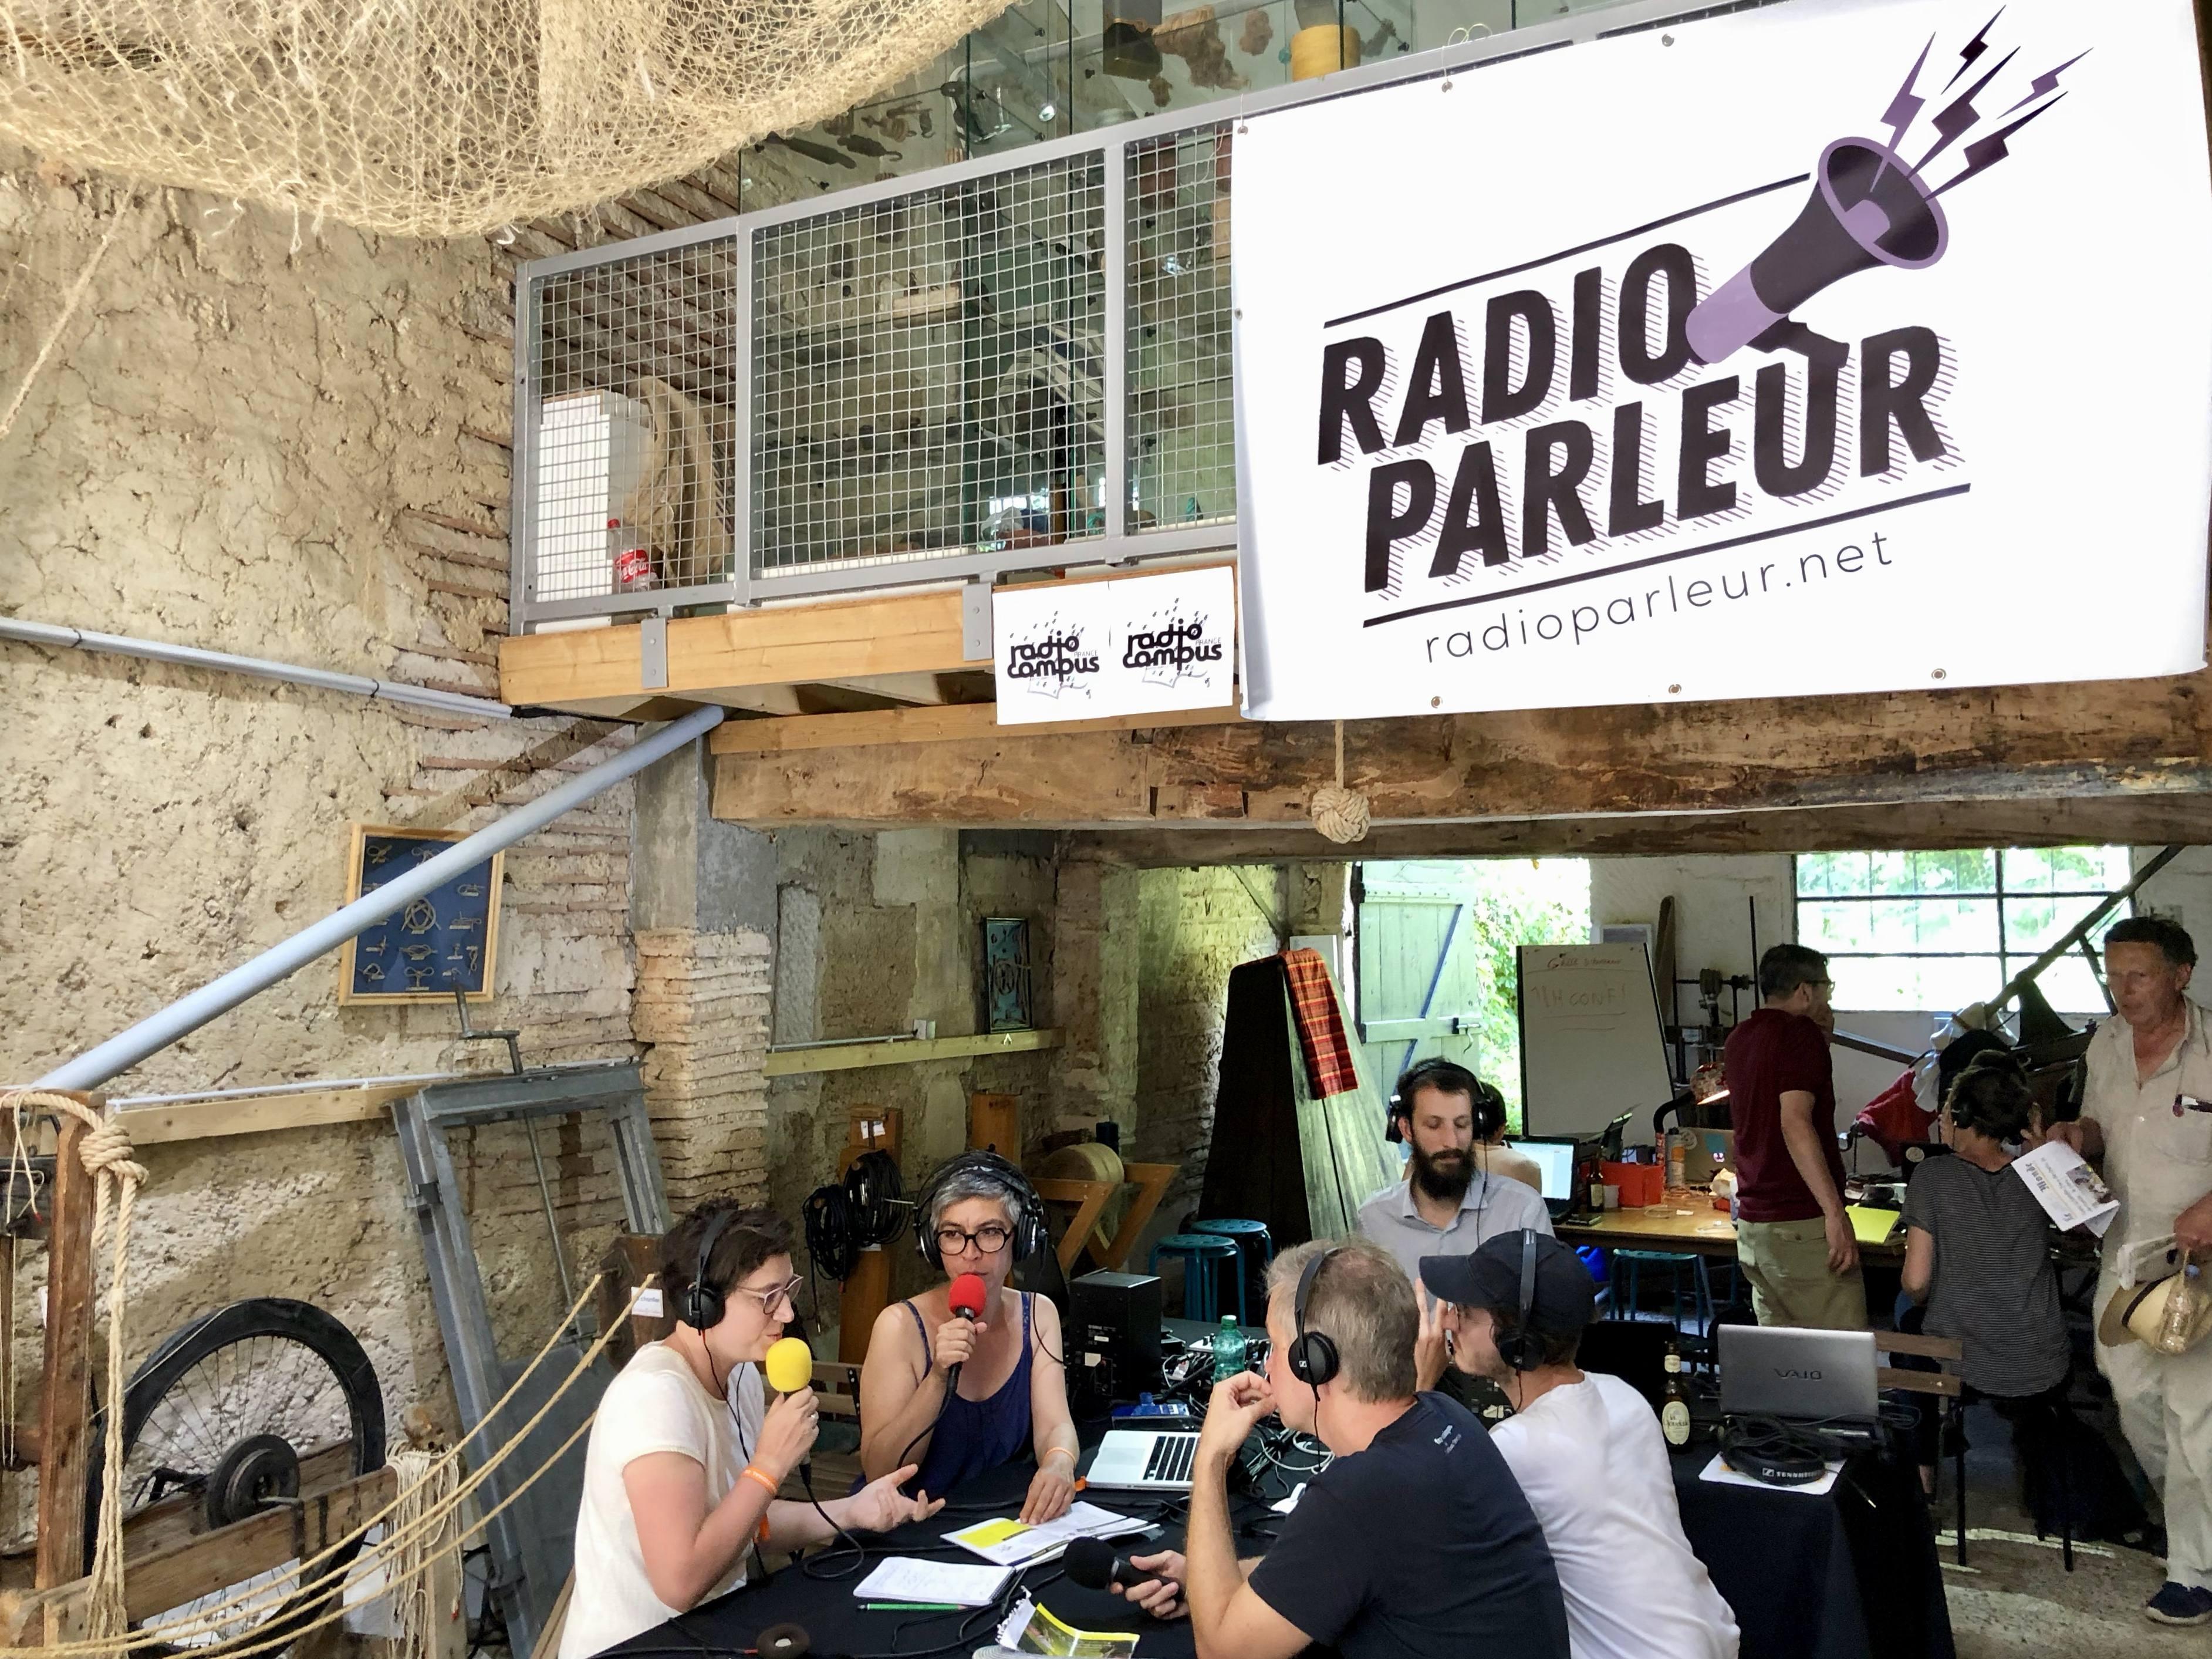 Couthures-sur-Radio, une expérience radiophonique unique !